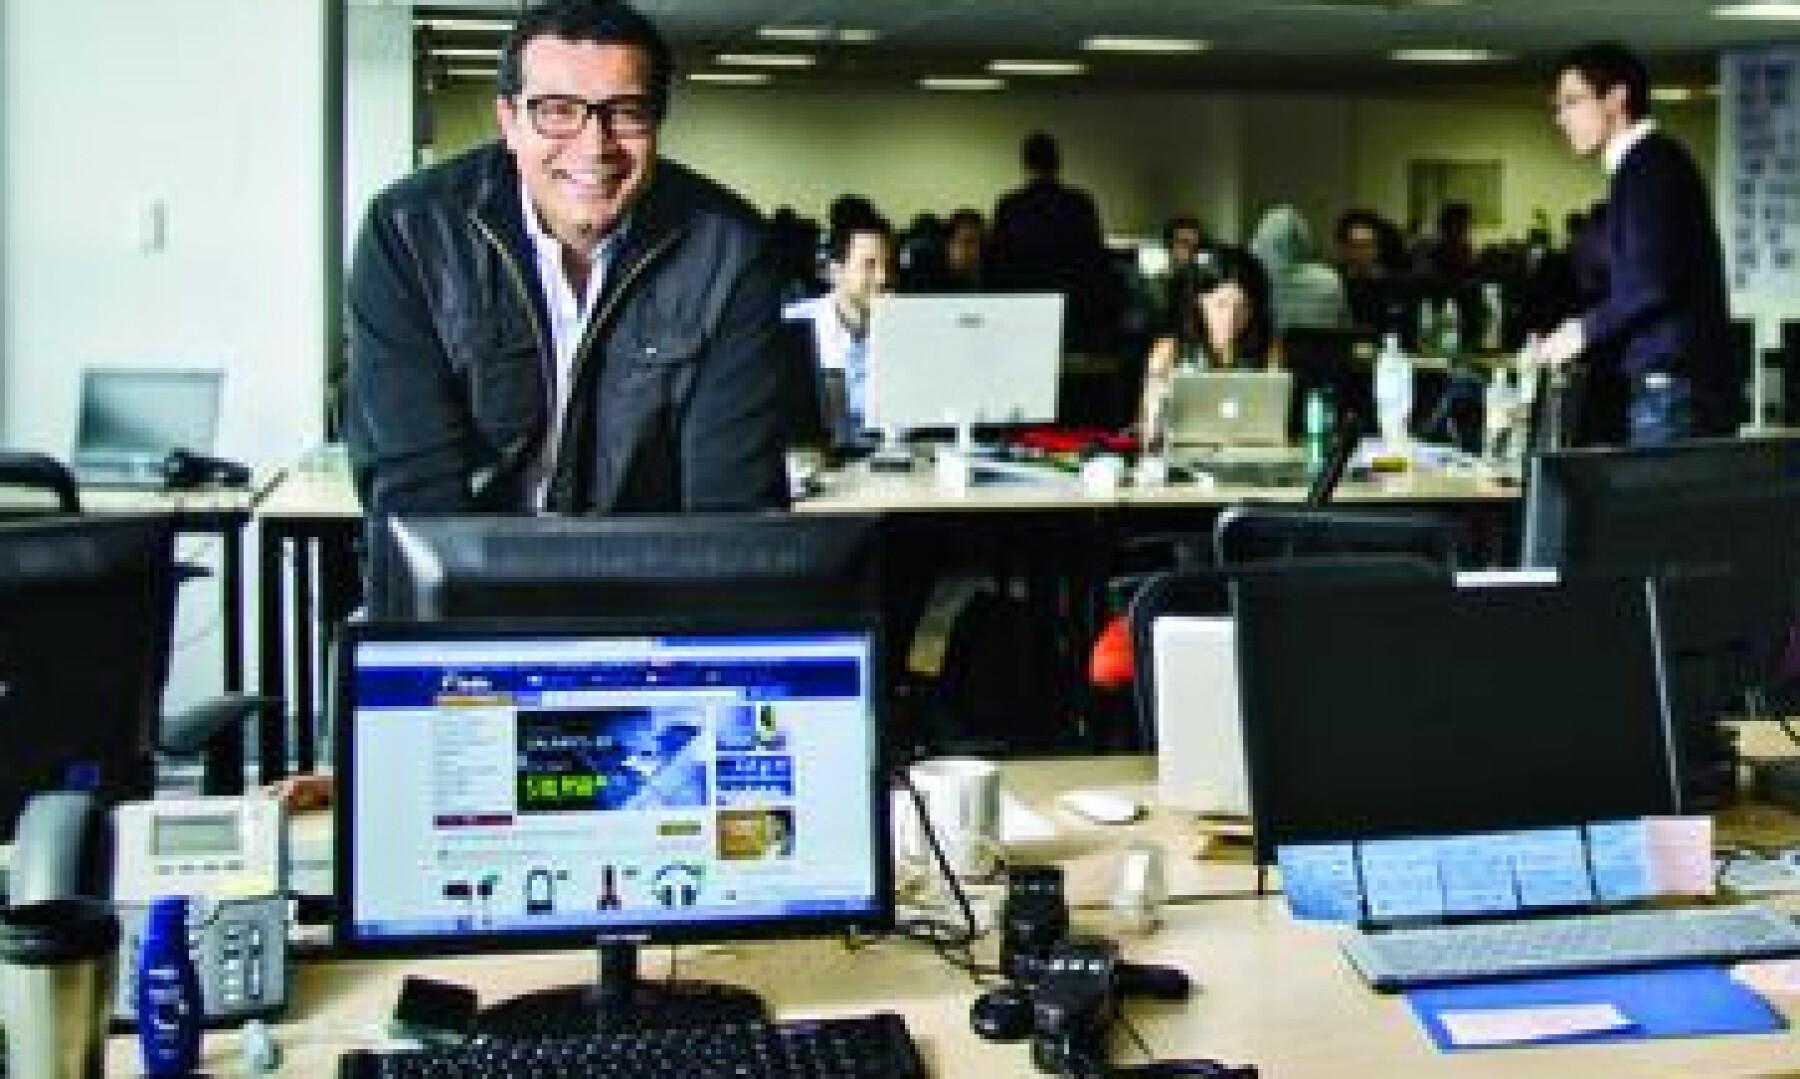 En cinco años, Rocket Internet se posicionó en 17 países, ahora busca establecerse en México con su tienda en línea Linio. (Foto: Ramón Sánchez Belmont)